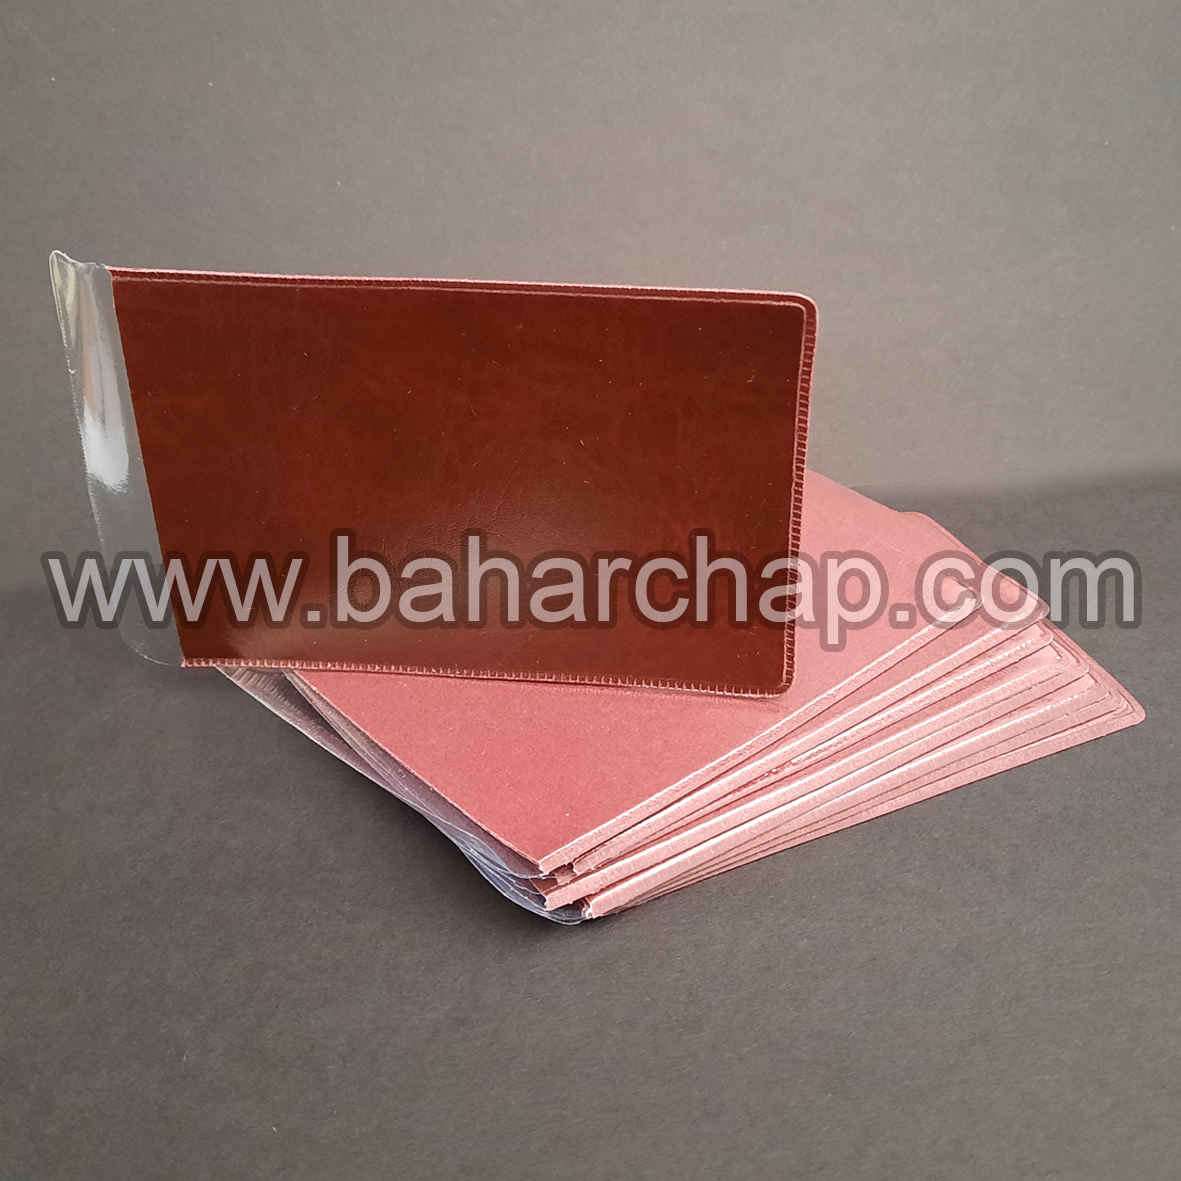 فروشگاه و خدمات اینترنتی بهارچاپ اصفهان-کاور کارت PVC سایز10.5*6.5 (پشت فوم)-pvc cards cover sheet 80*120